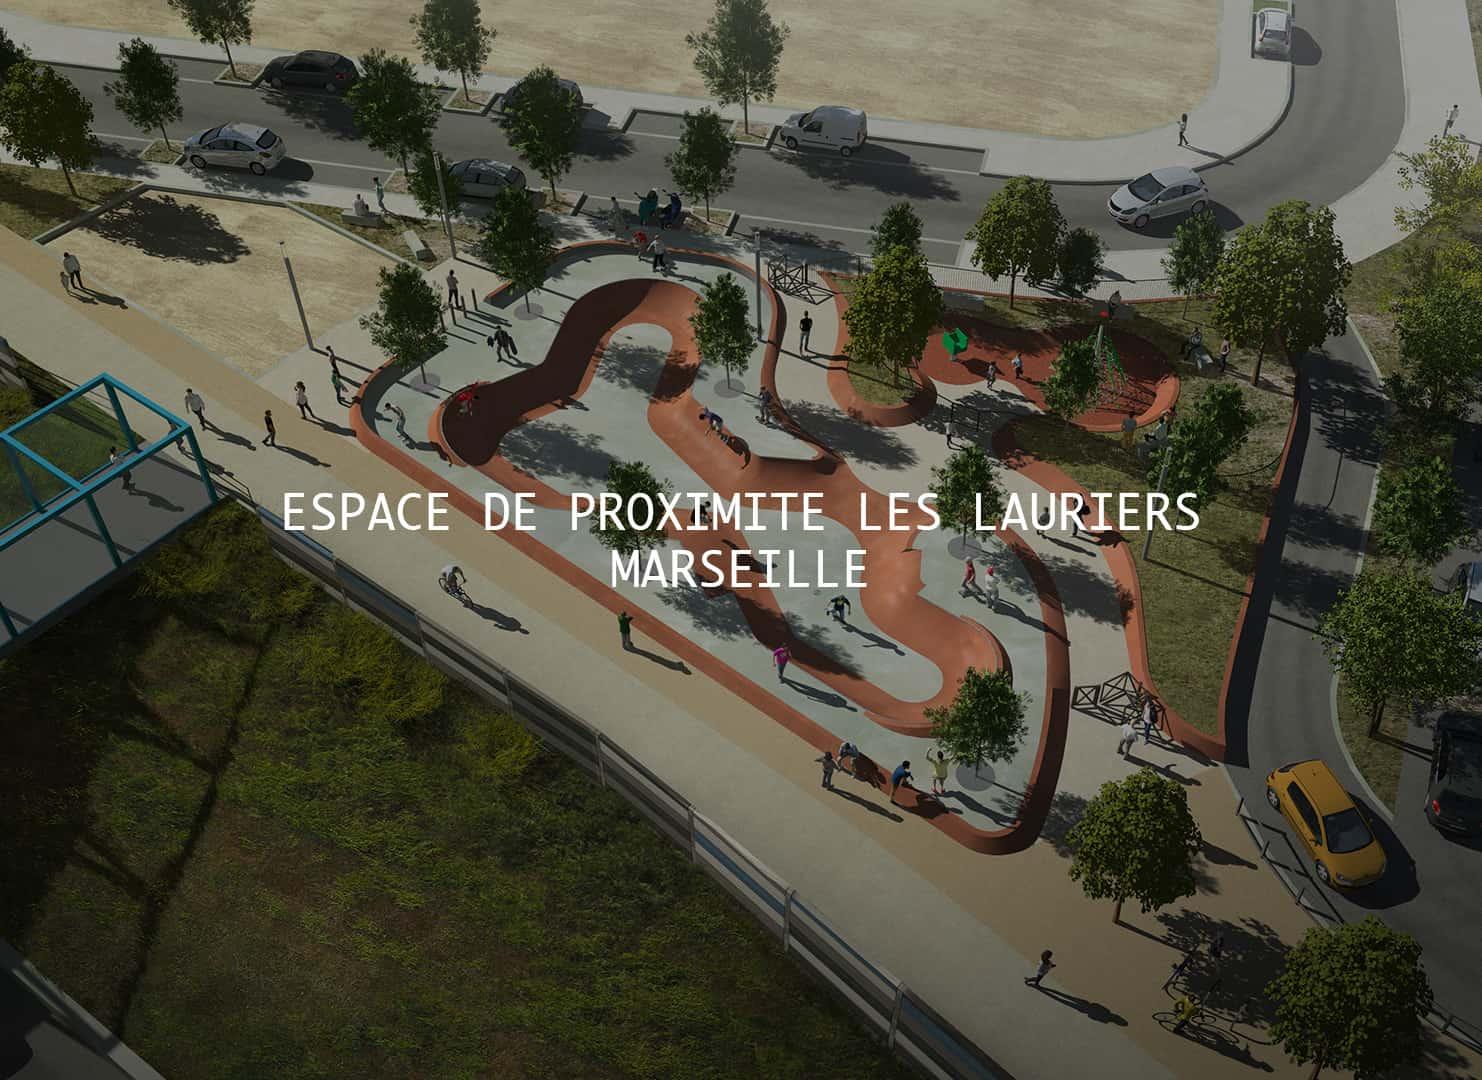 ESPACE-DE-PROXIMITE-LES-LAURIERS---MARSEILLE